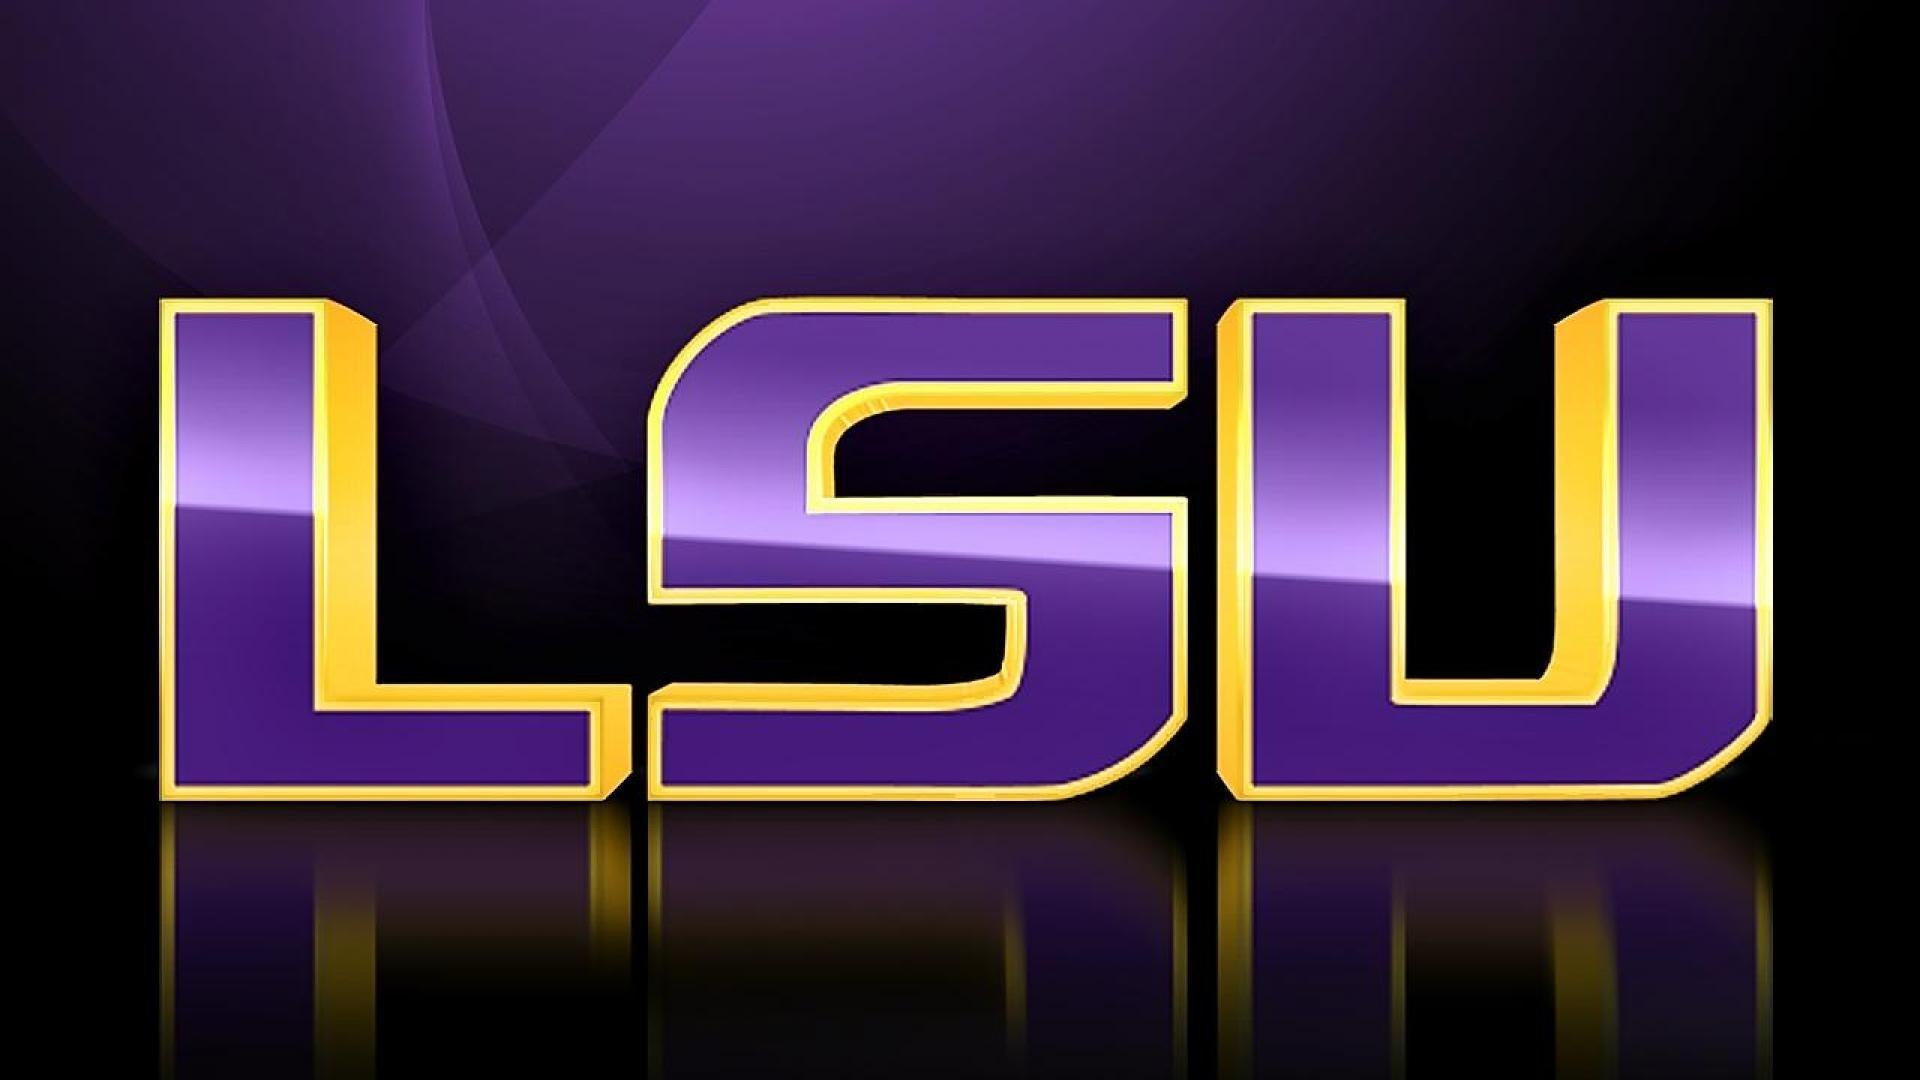 lsu tigers football #6964296